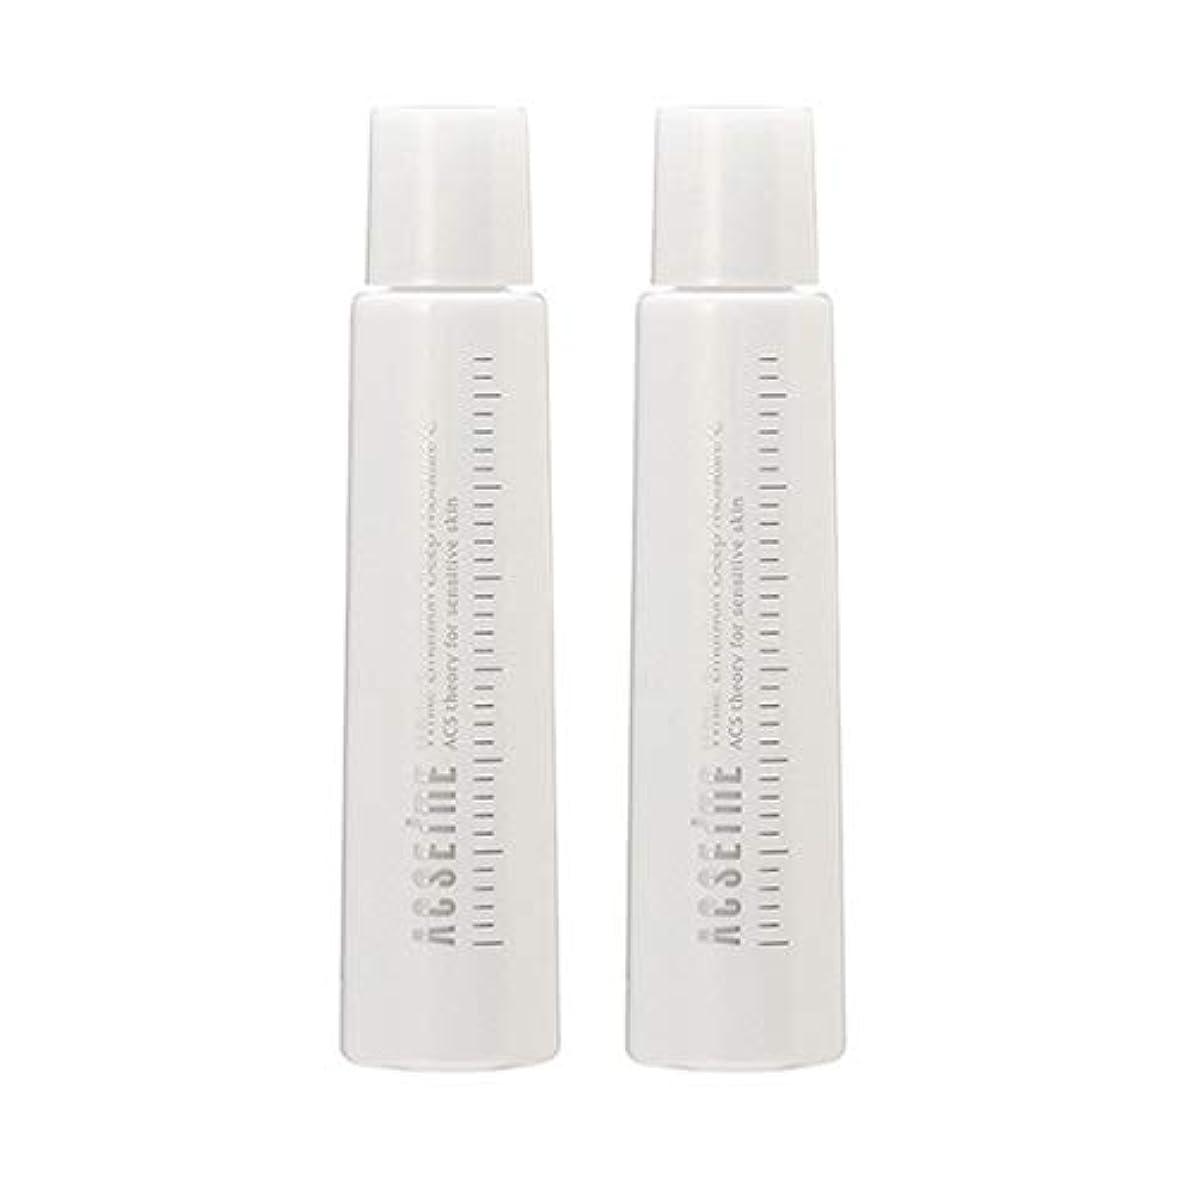 快適集中三アクセーヌ ACSEINE ホワイト エマルジョン ディープ モイスチュア C 化粧液 170mL 2個セット